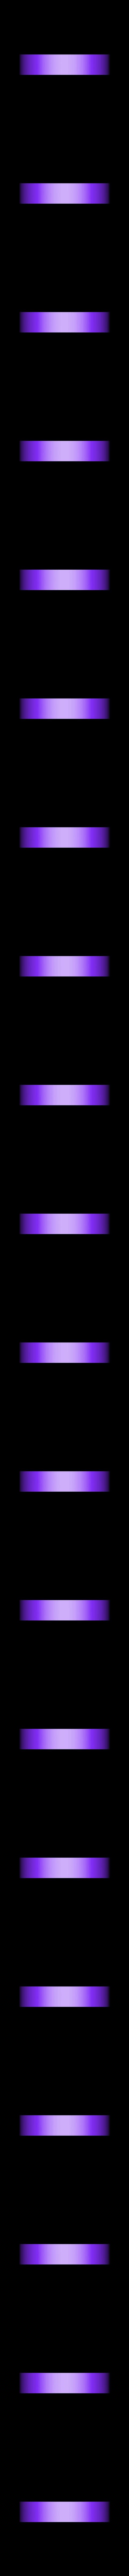 6_end.stl Télécharger fichier STL gratuit Canon son et lumière • Modèle pour imprimante 3D, ewr2san